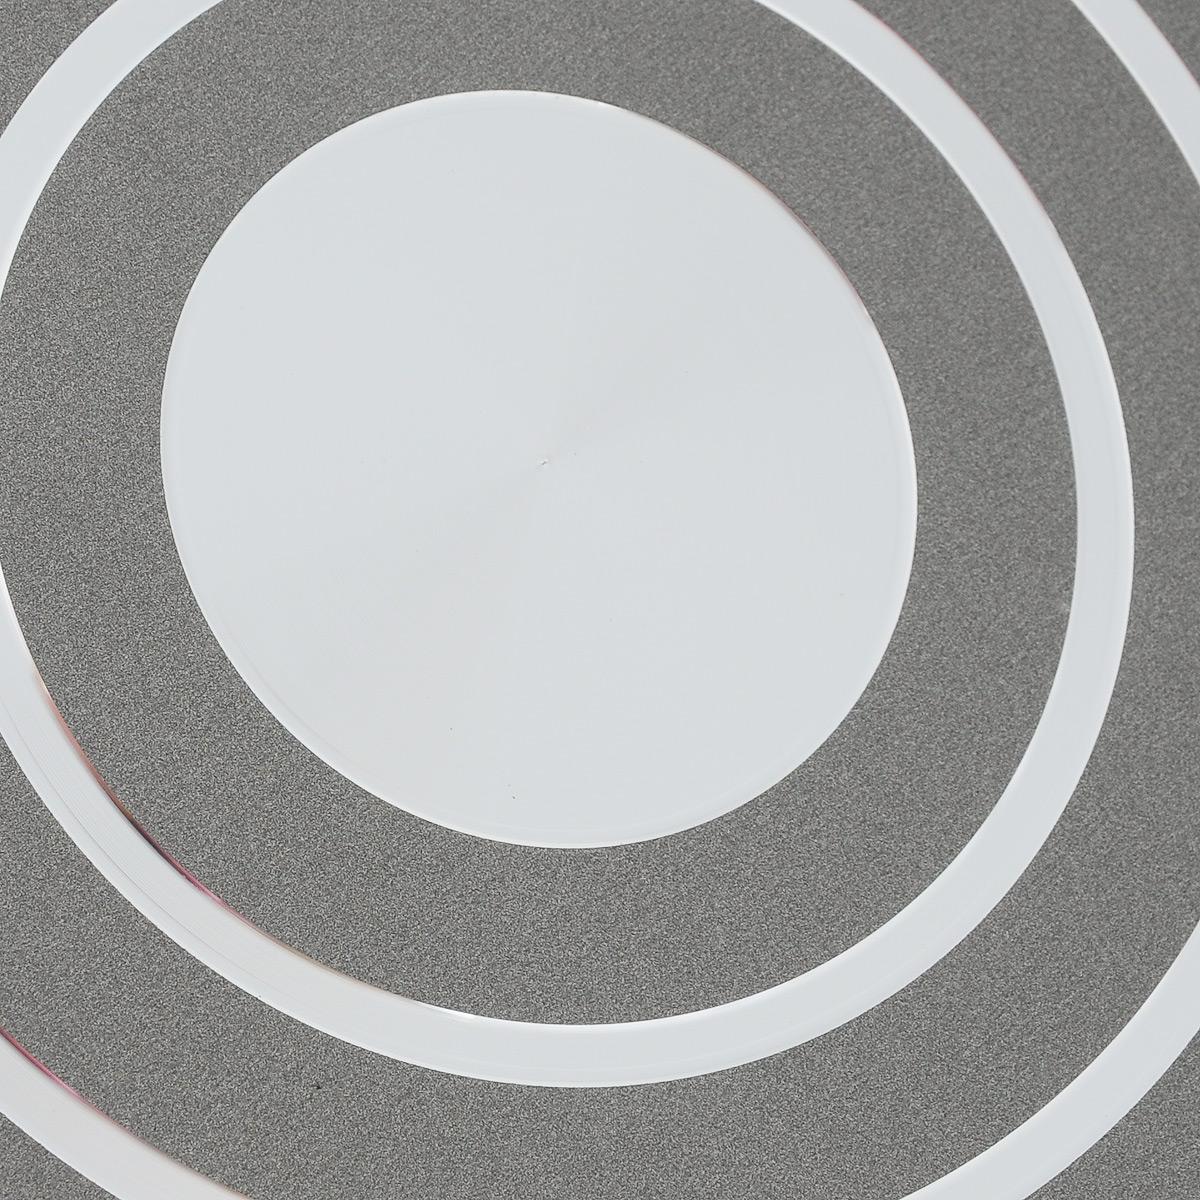 """Сотейник Scovo """"Discovery"""" изготовлен из алюминия с антипригарным покрытием Quantum2 Whitford с рисунком """"соты"""". Такое покрытие обеспечивает превосходные антипригарные свойства, поэтому при готовке можно почти не использовать подсолнечное масло. Не содержит PFOA, соединений кадмия и свинца, следовательно, посуда абсолютно безопасна для здоровья. Съемная ручка, выполненная из пластика, помогает решить проблему свободного места на кухне при хранении посуды и позволяет использовать посуду в духовке. Внешнее покрытие Piroskan Whitford легко моется и устойчиво к царапинам. Крышка выполнена из жаропрочного стекла. Изделие можно использовать на газовых, электрических и стеклокерамических плитах. Можно мыть в посудомоечной машине. Высота стенки: 7,5 см. Длина ручки: 17 см."""